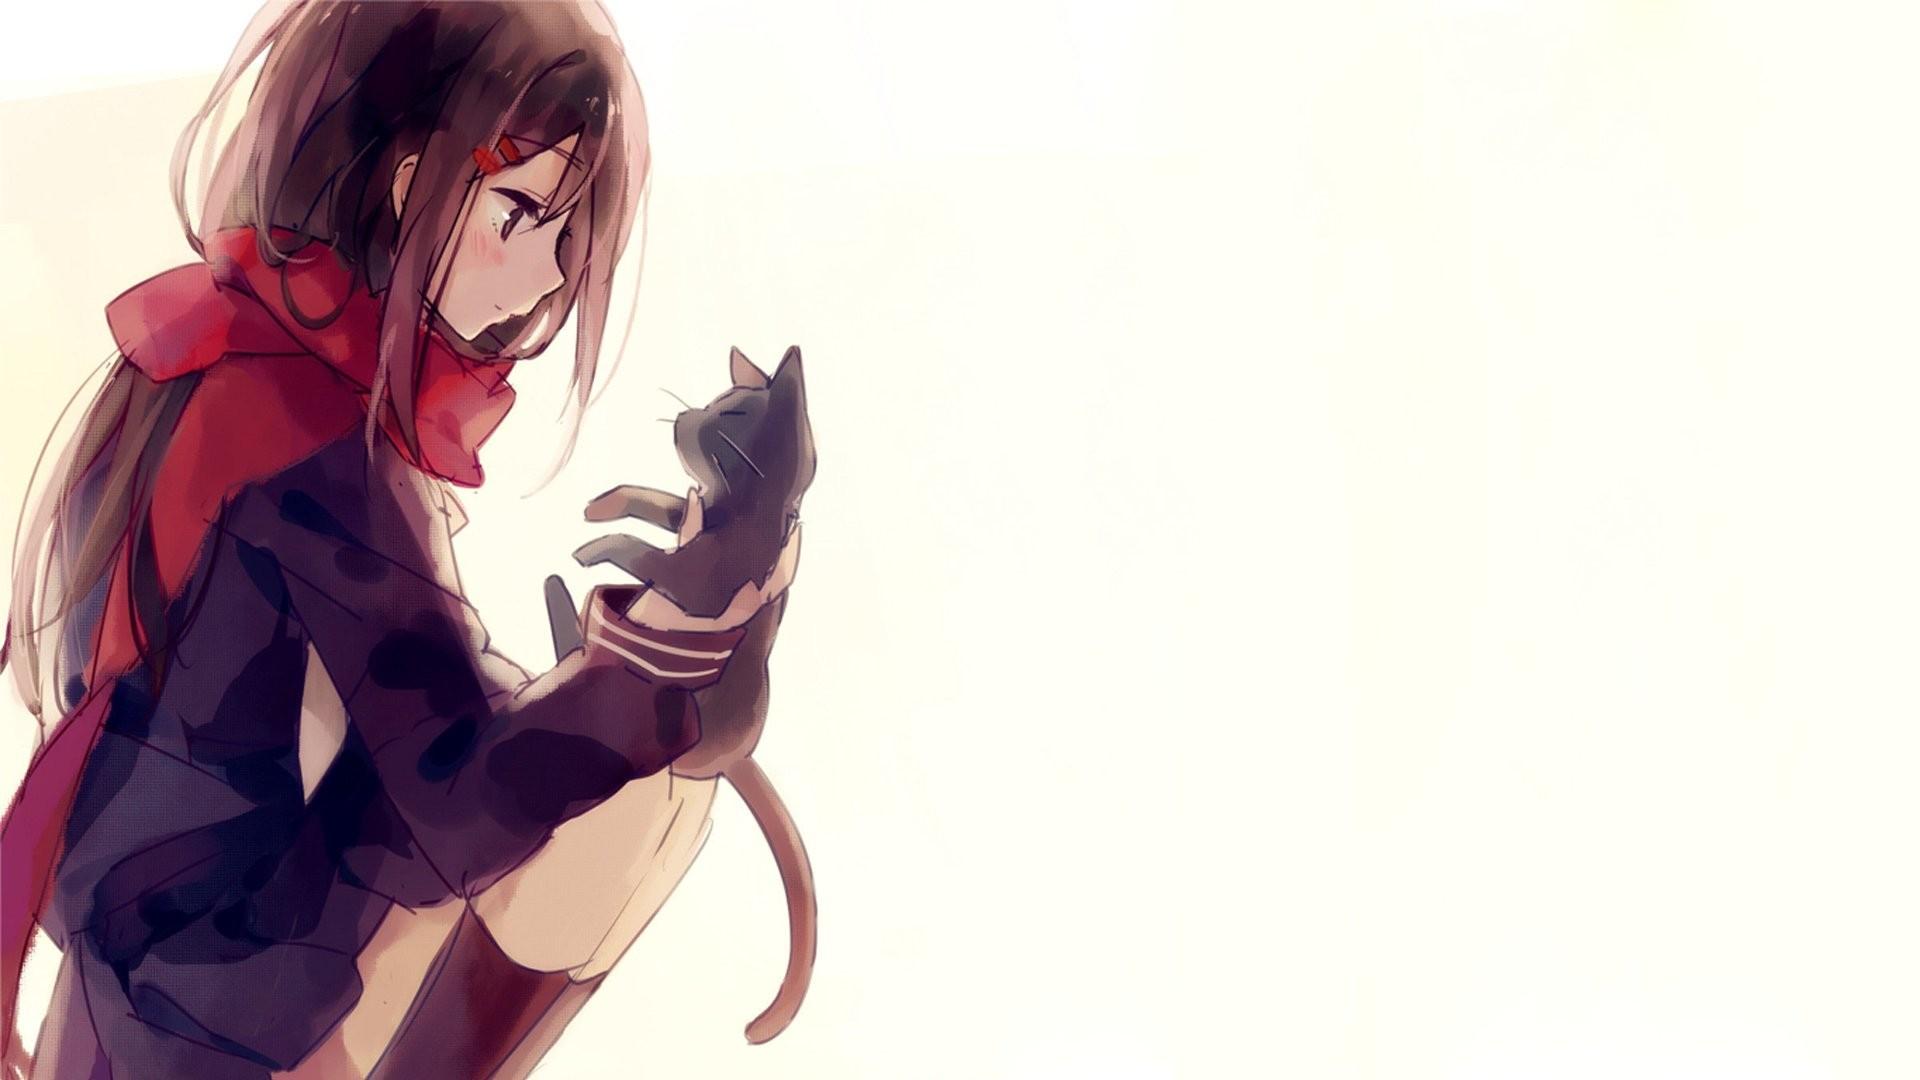 Anime Cat Girl Wallpaper